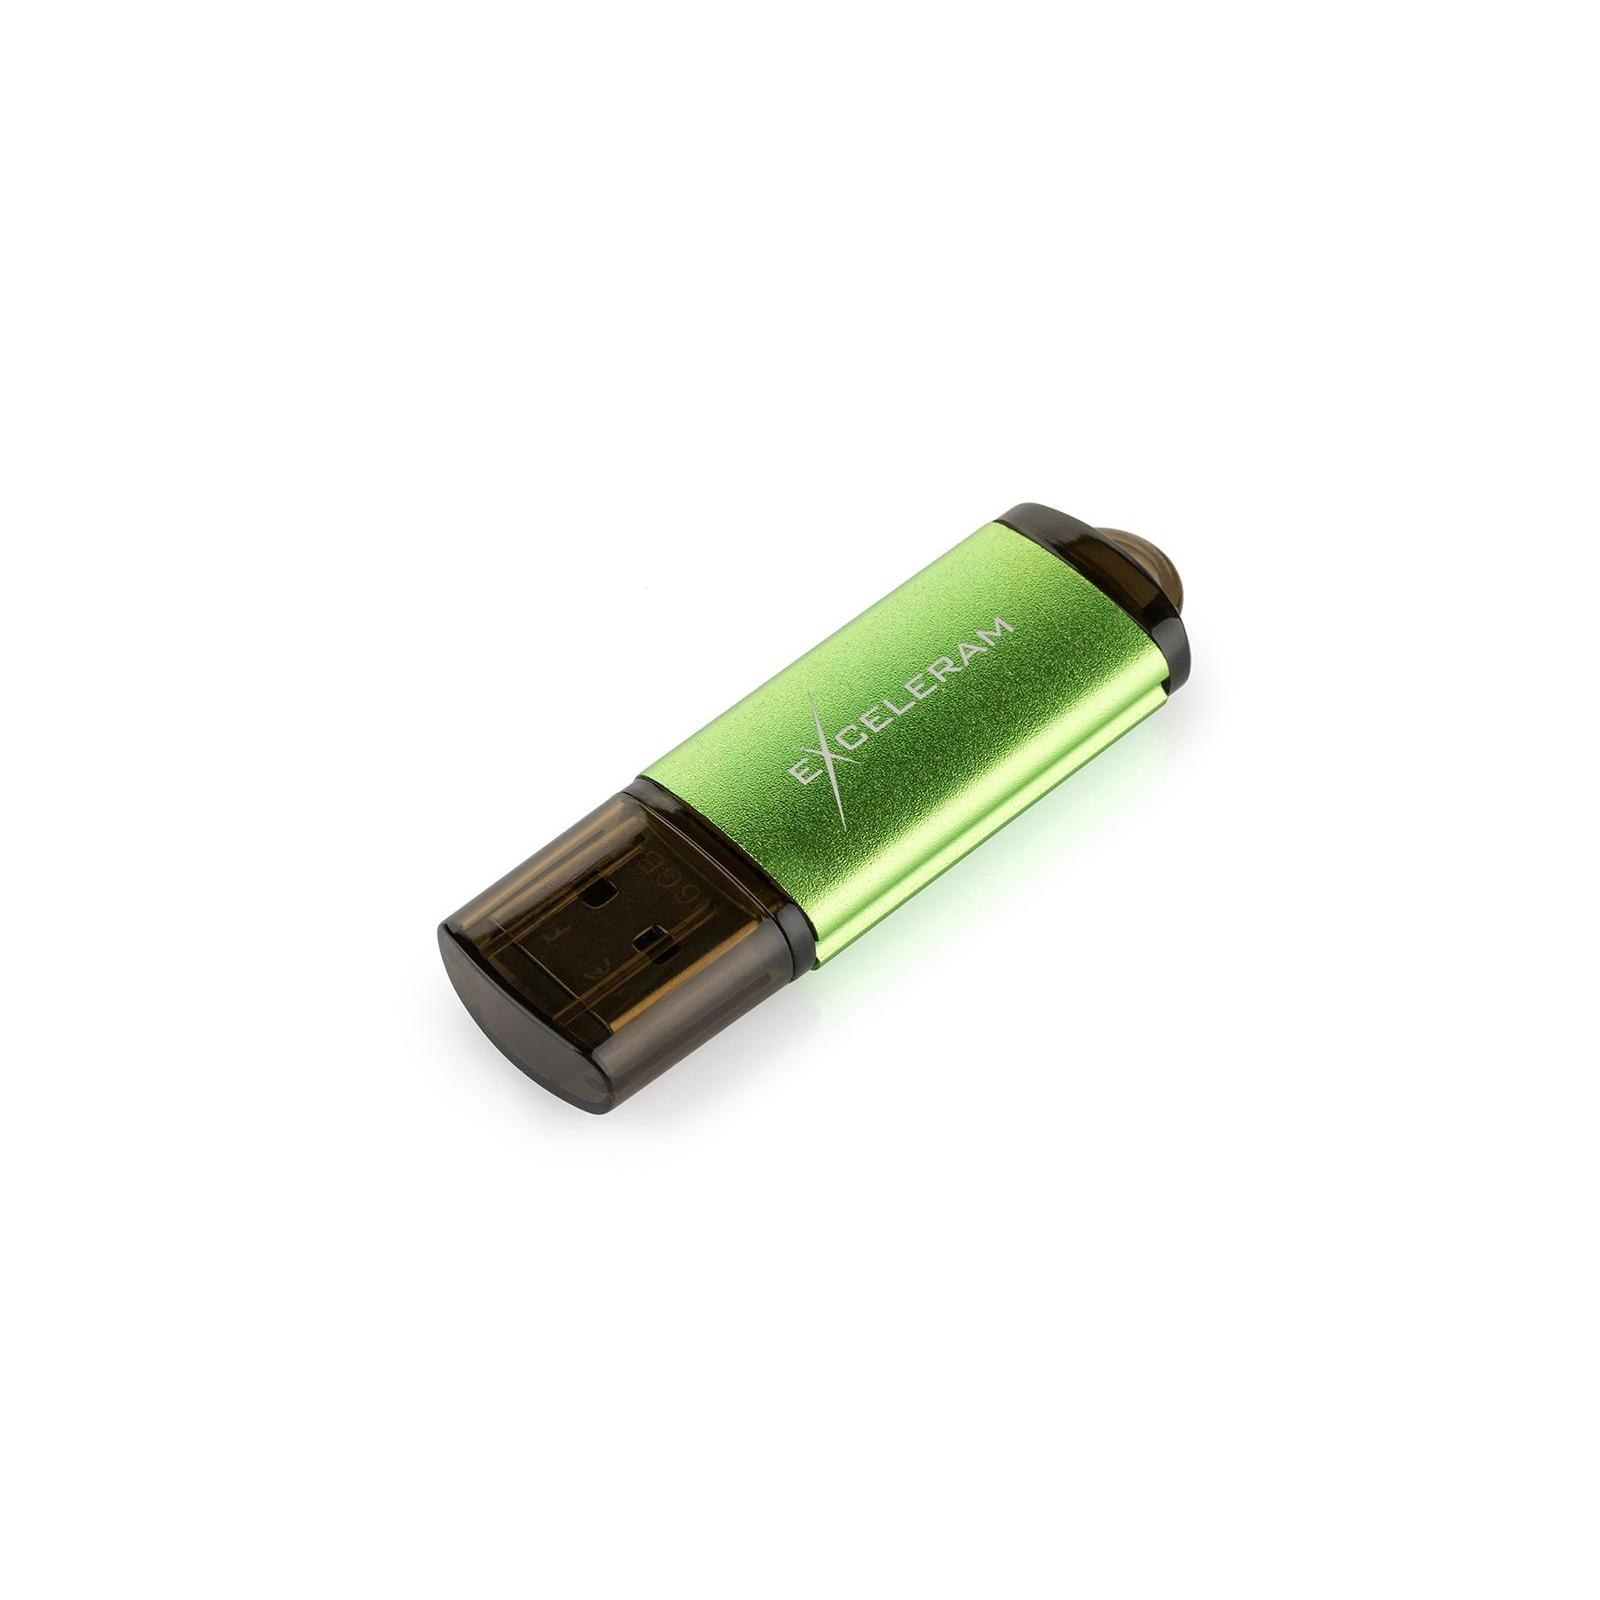 USB флеш накопитель eXceleram 128GB A3 Series Green USB 3.1 Gen 1 (EXA3U3GR128) изображение 3